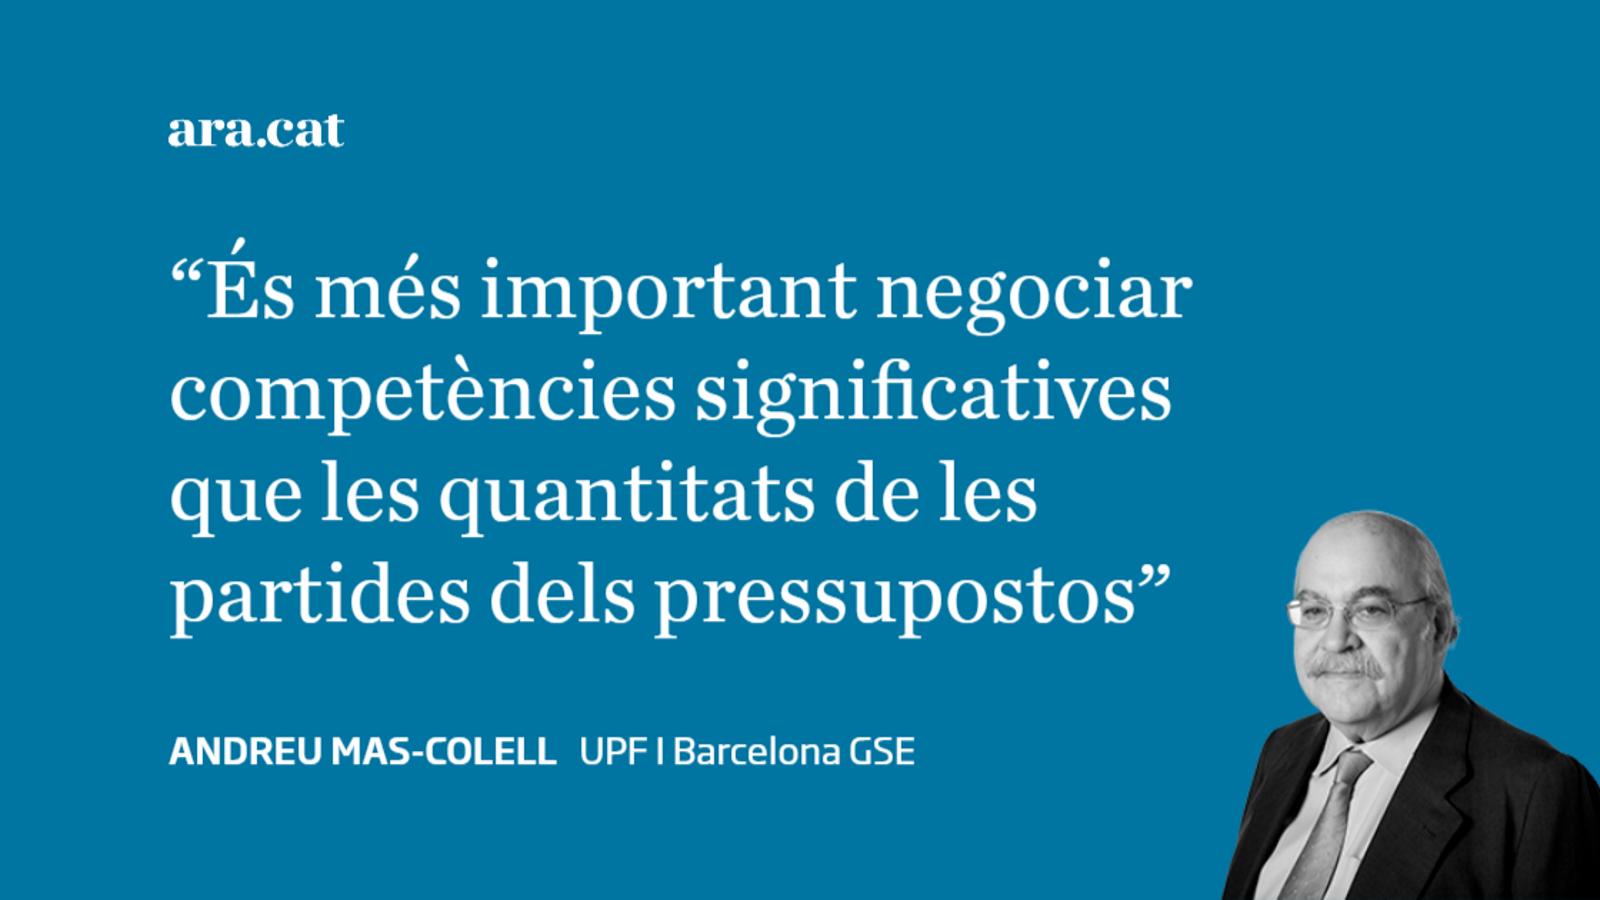 Cinc temes per a la negociació competencial